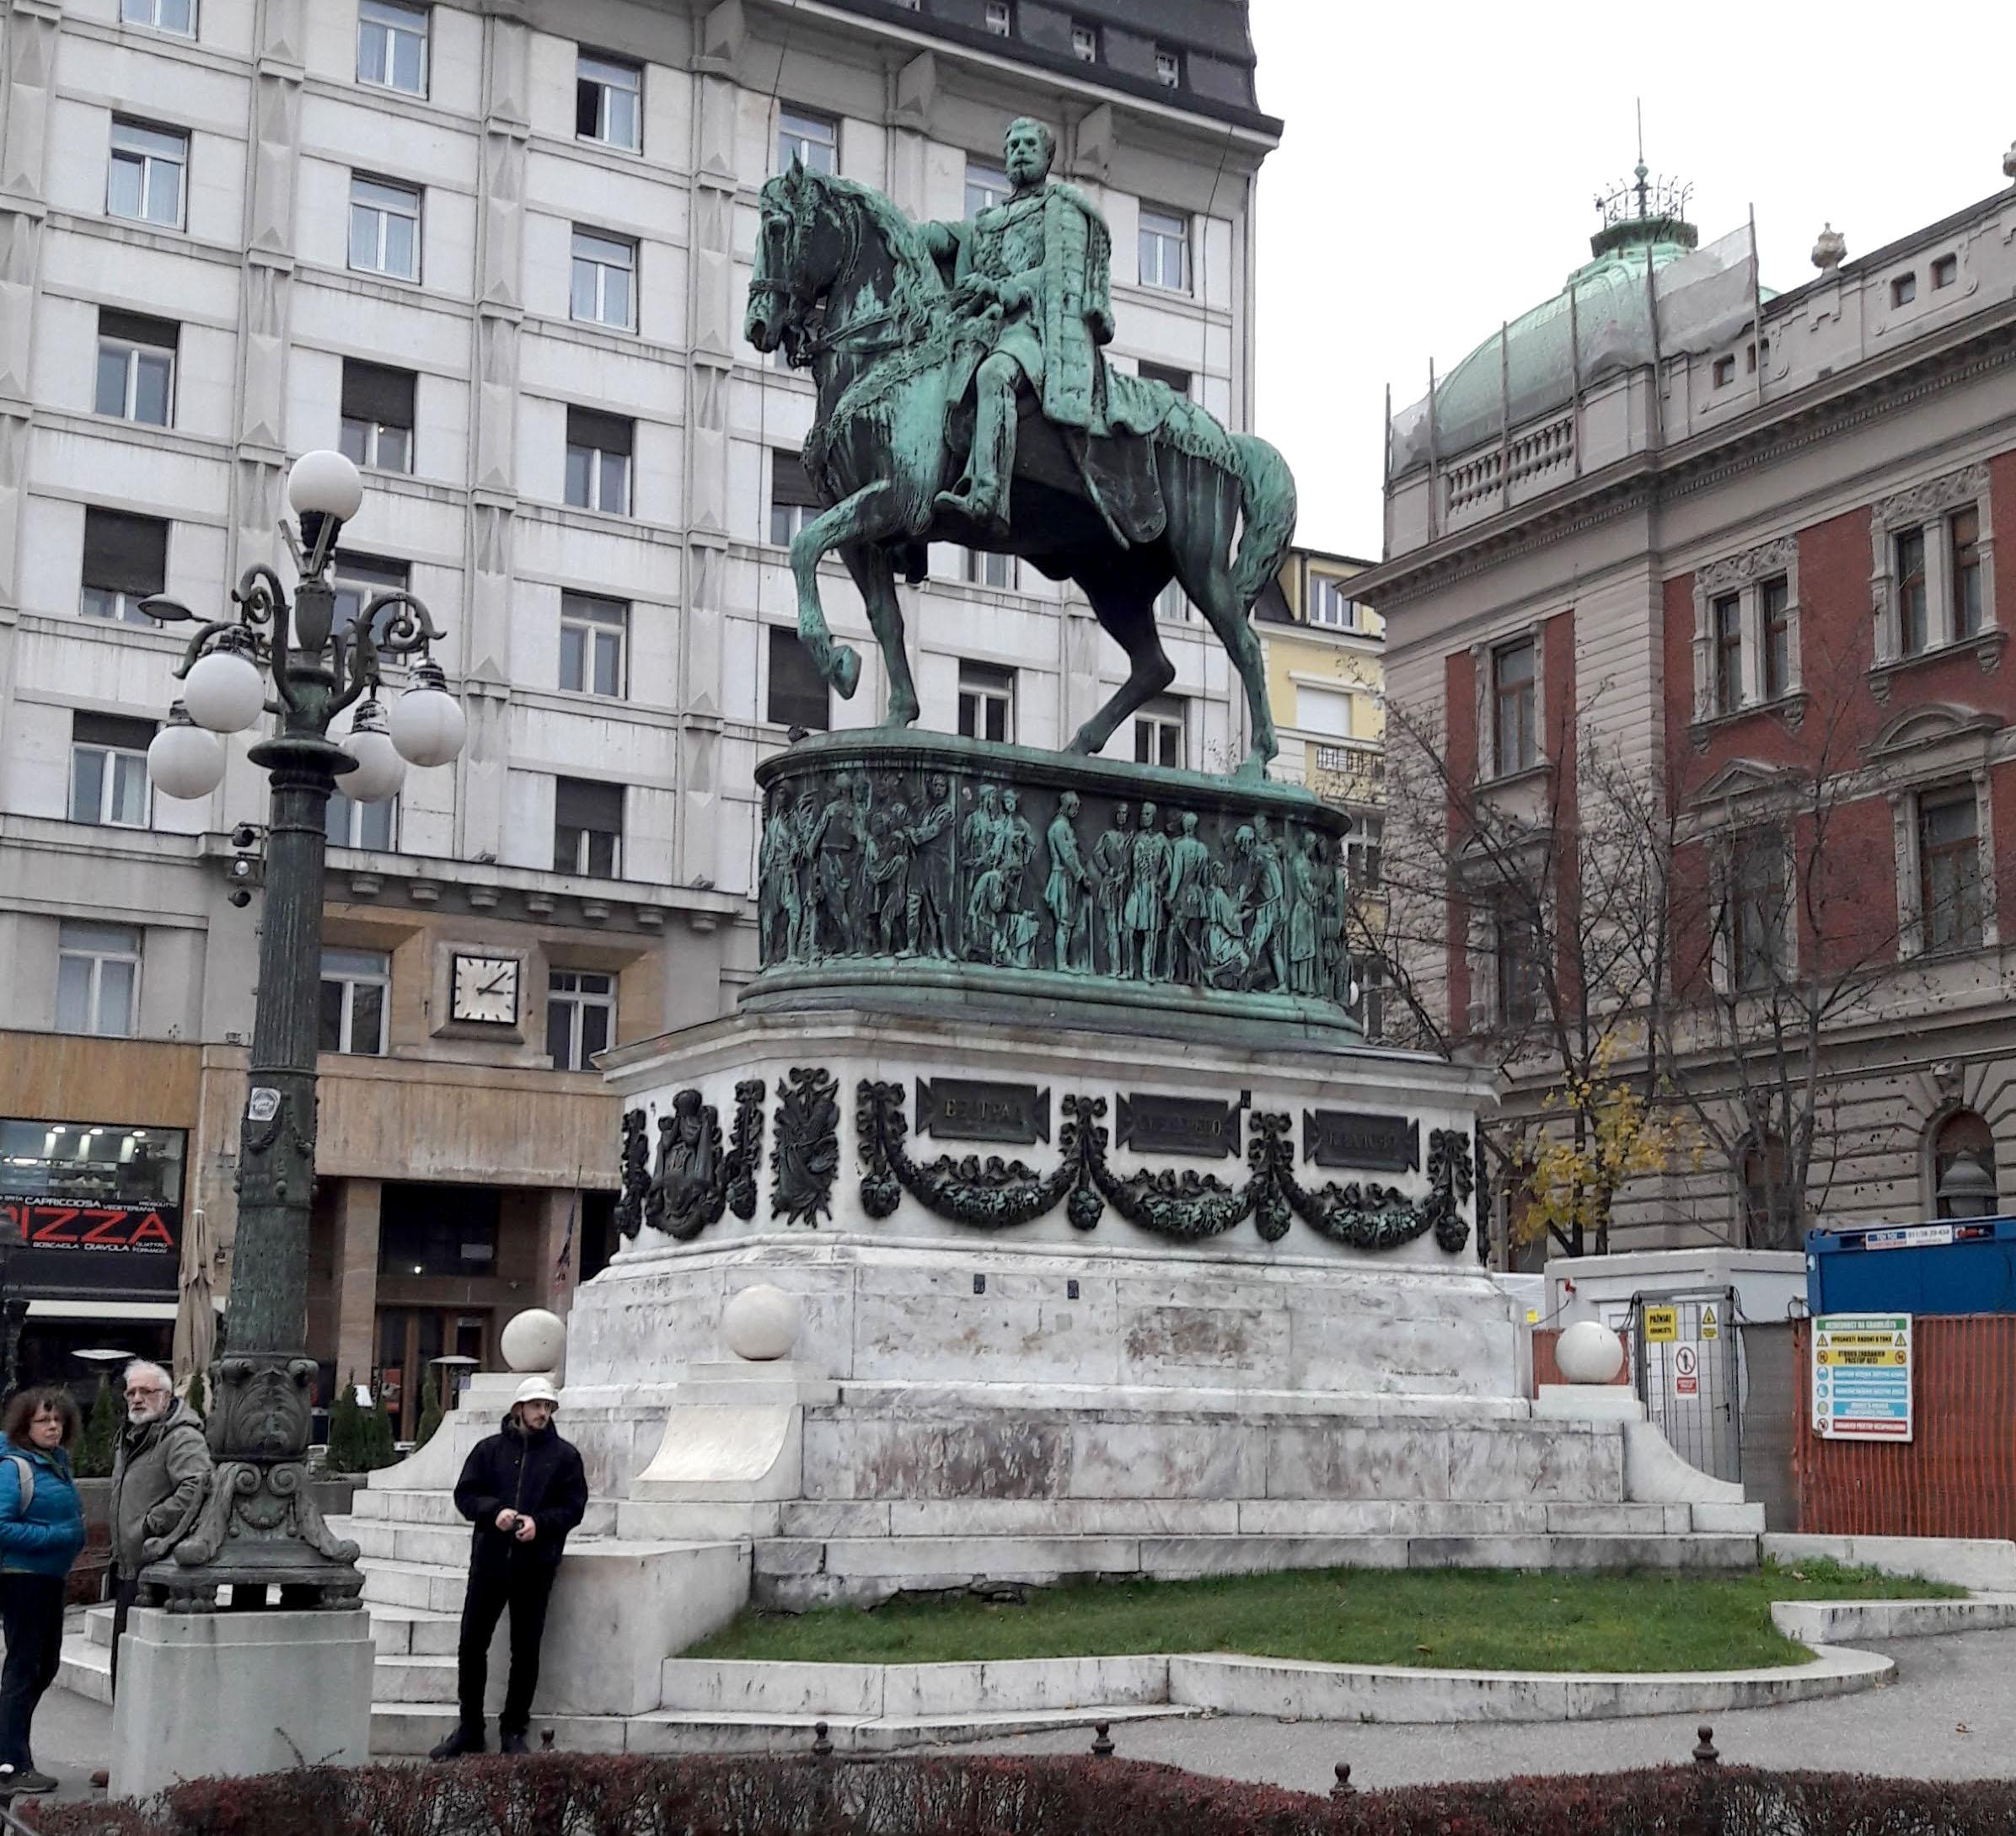 Knez Mihailo (Prince Michael) in 'Trg Republike' (Republic Square)